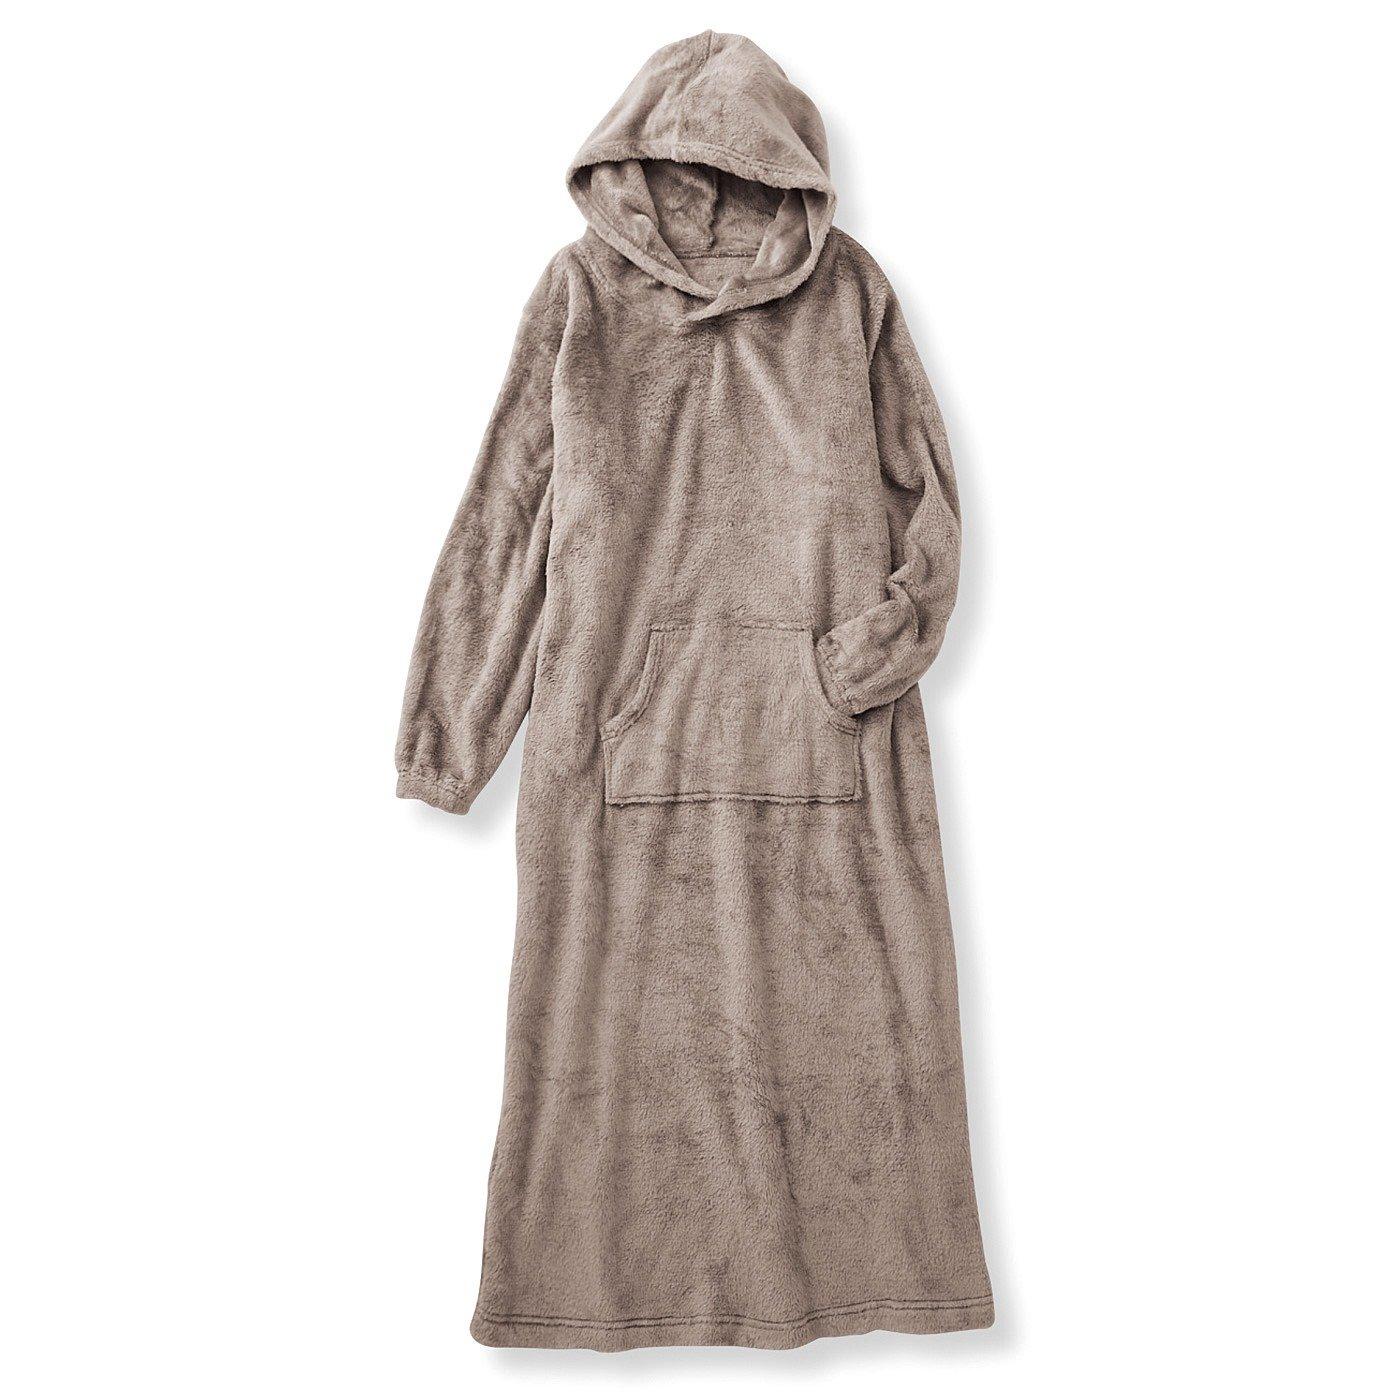 まるで毛布みたい もふもふに包まれるしあわせ ぬくぬくボアルームワンピースの会